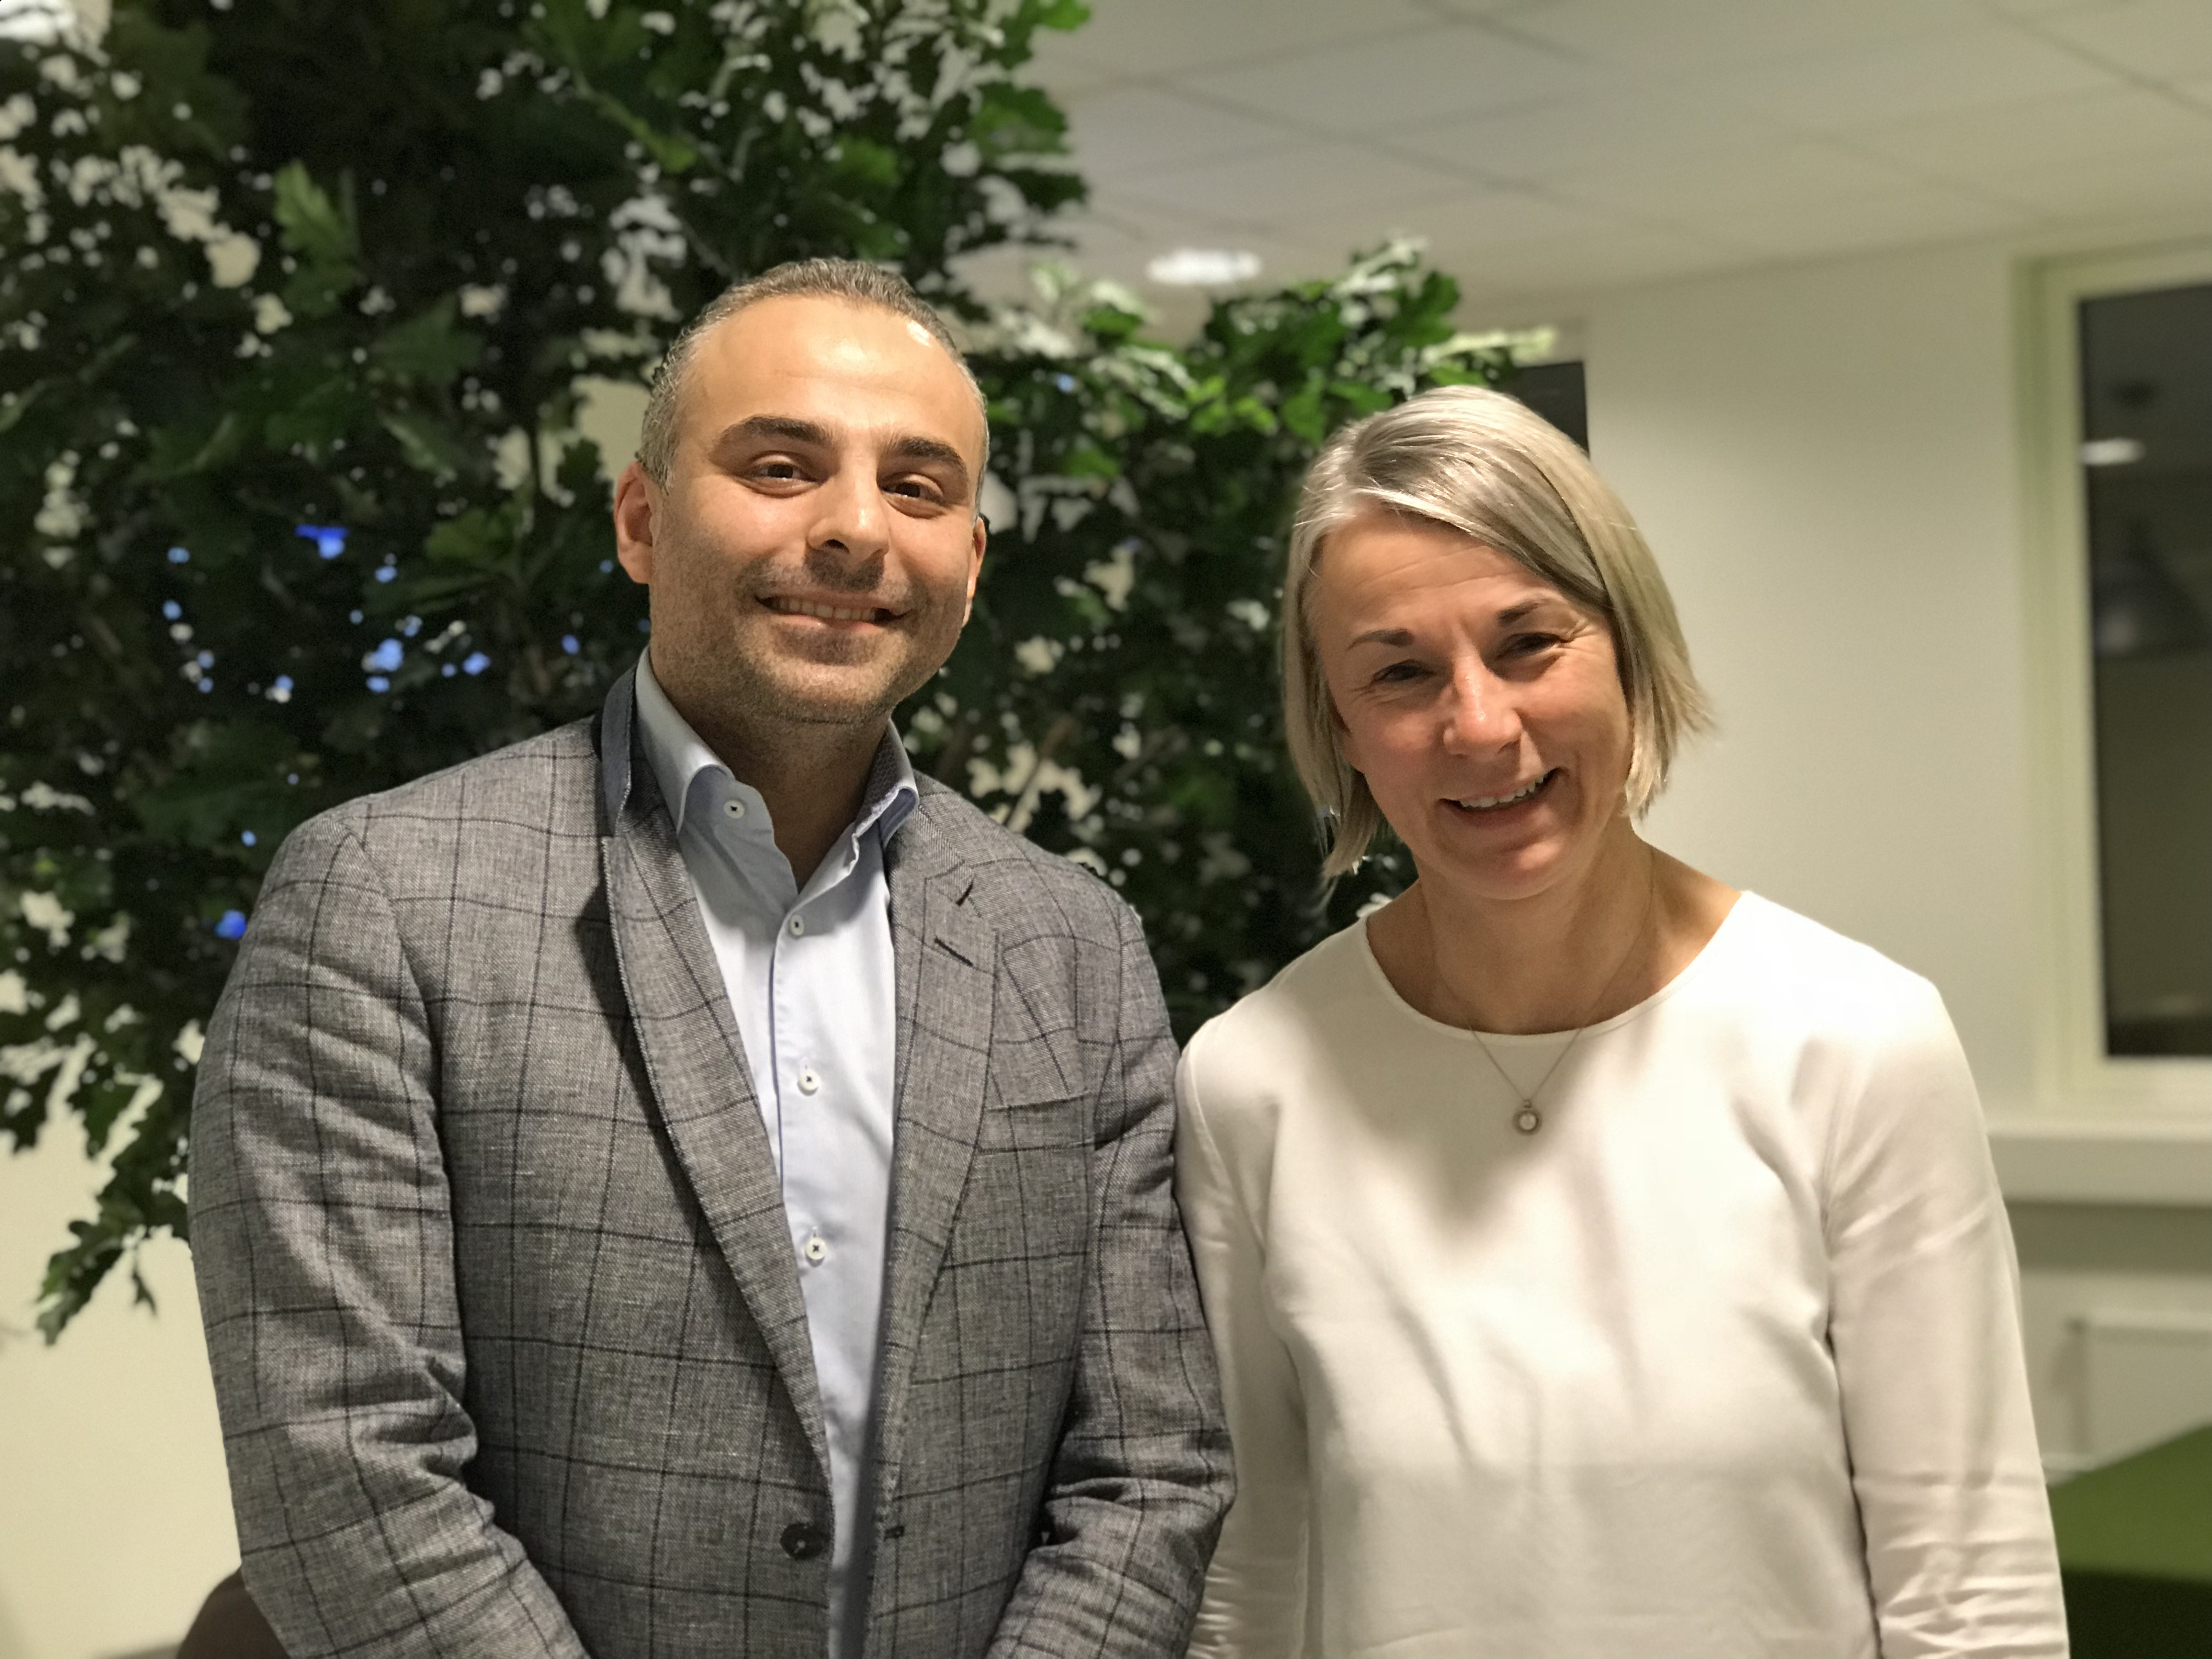 Bilde av Ali Areffard fra BMS og Jutta Heix fra Oslo Cancer Cluster som har invitert kreftekspertisen til Cancer Crosslinks.